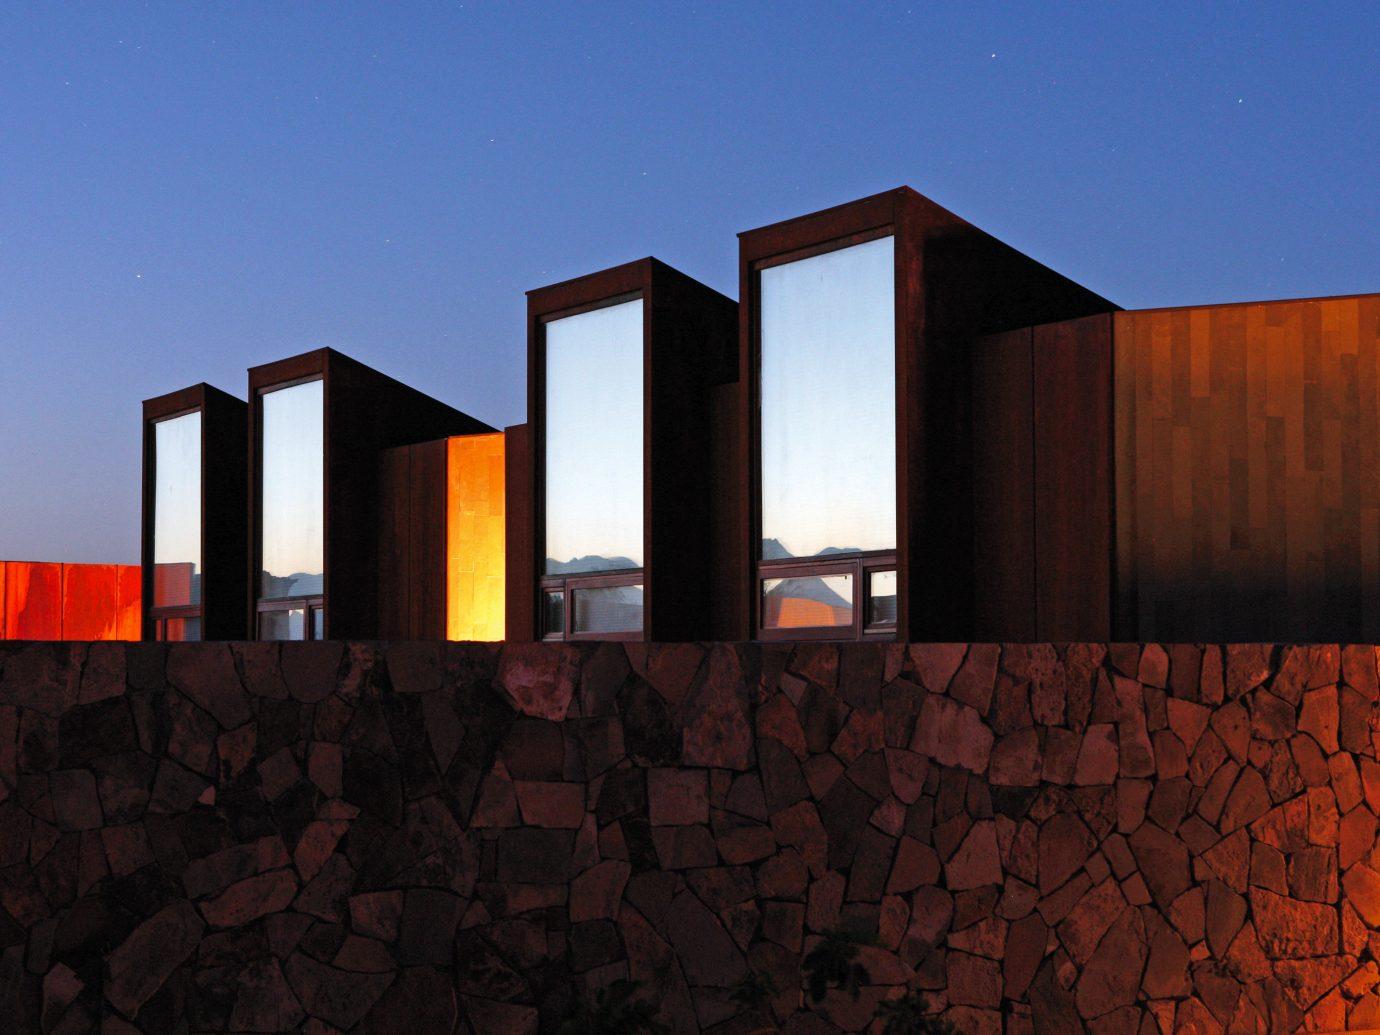 Trip Ideas sky house Architecture building facade wood sunlight orange